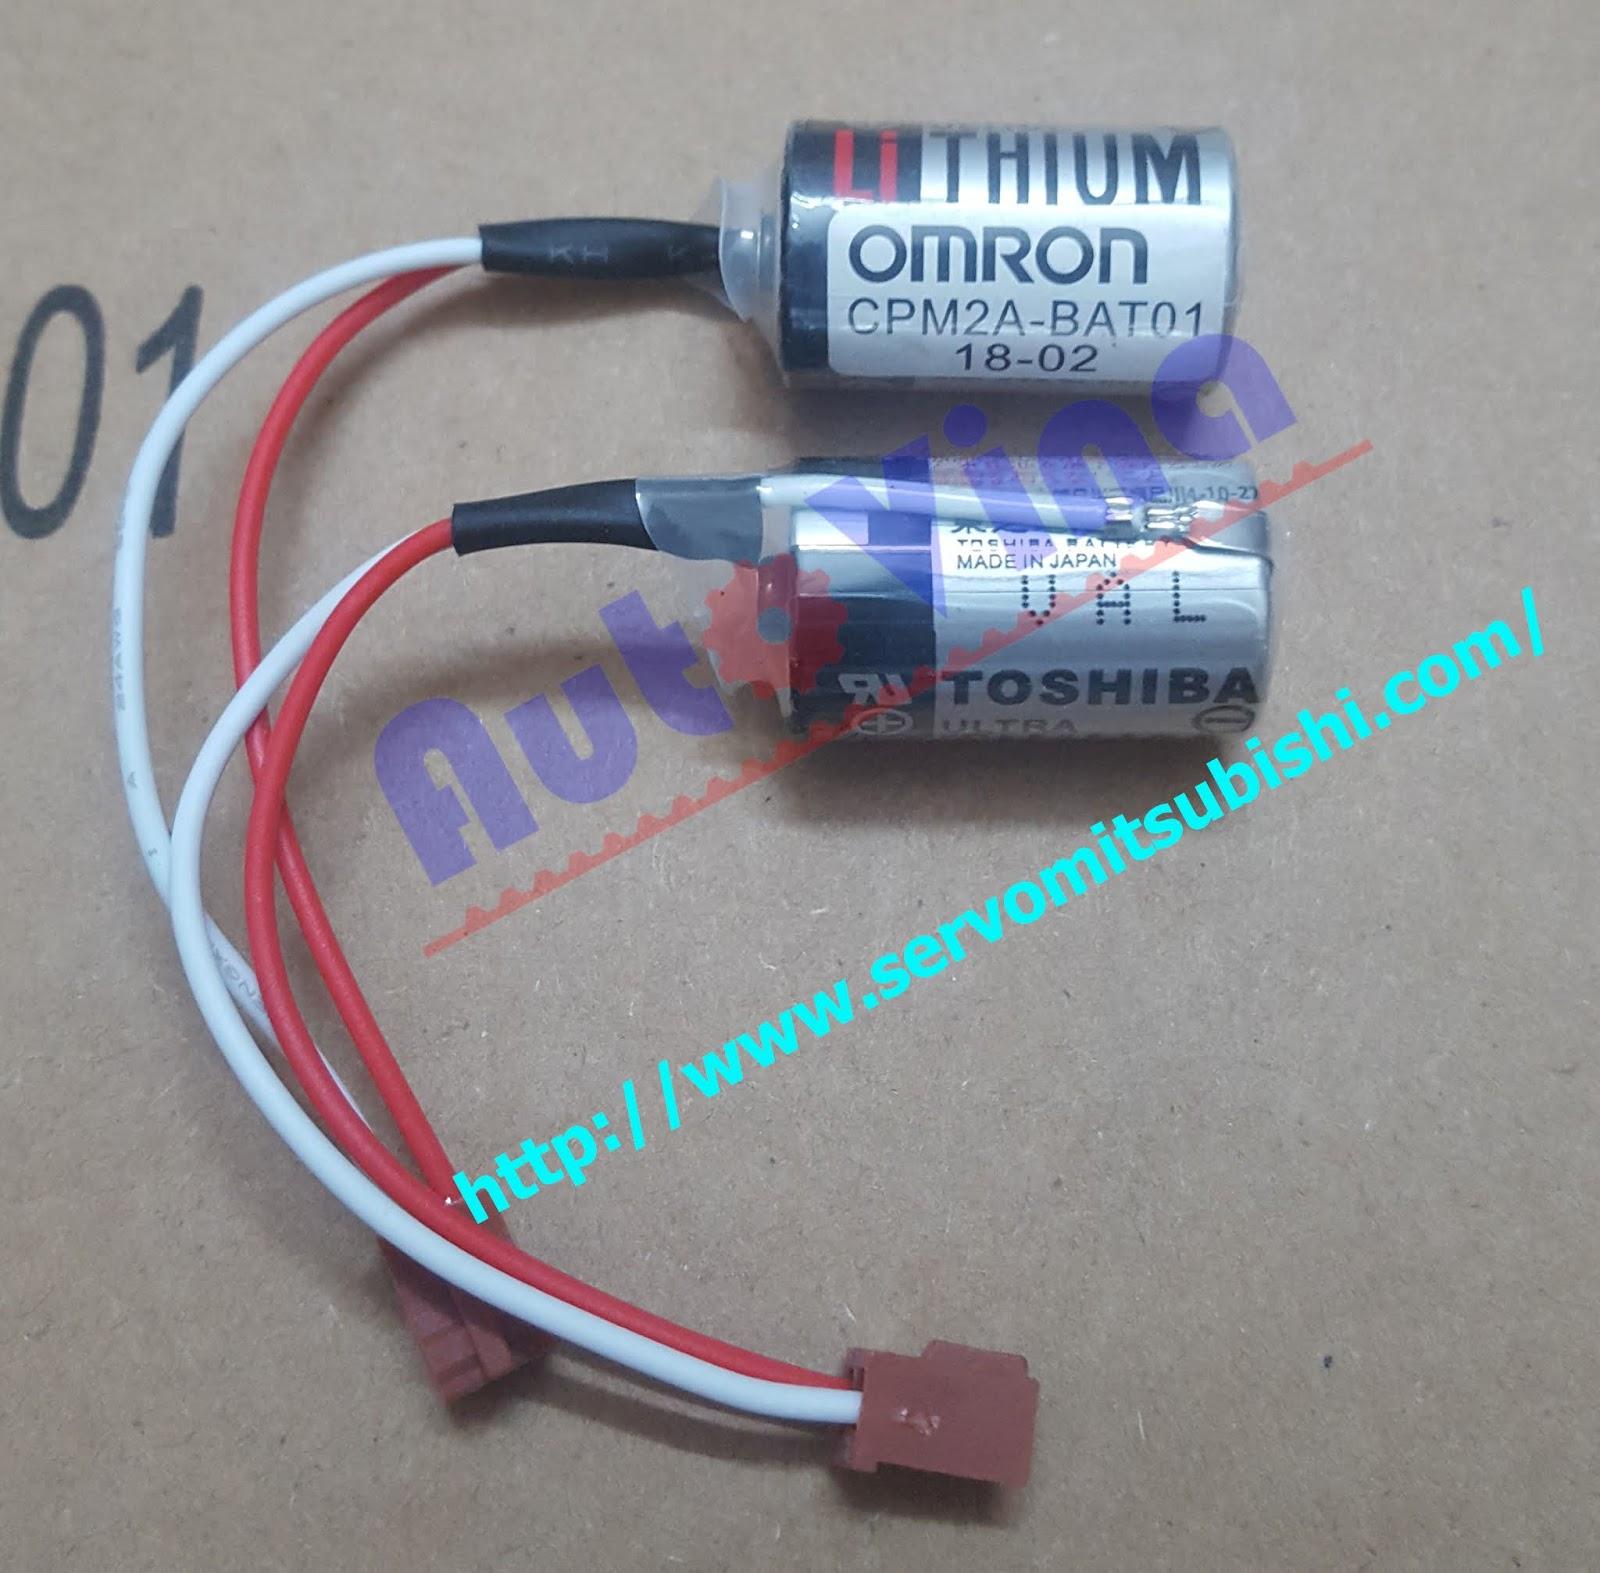 Đại lý bán pin Battery dùng cho PLC, pin Lithium Toshiba dùng cho PLC Omron model CPM2A-BAT01